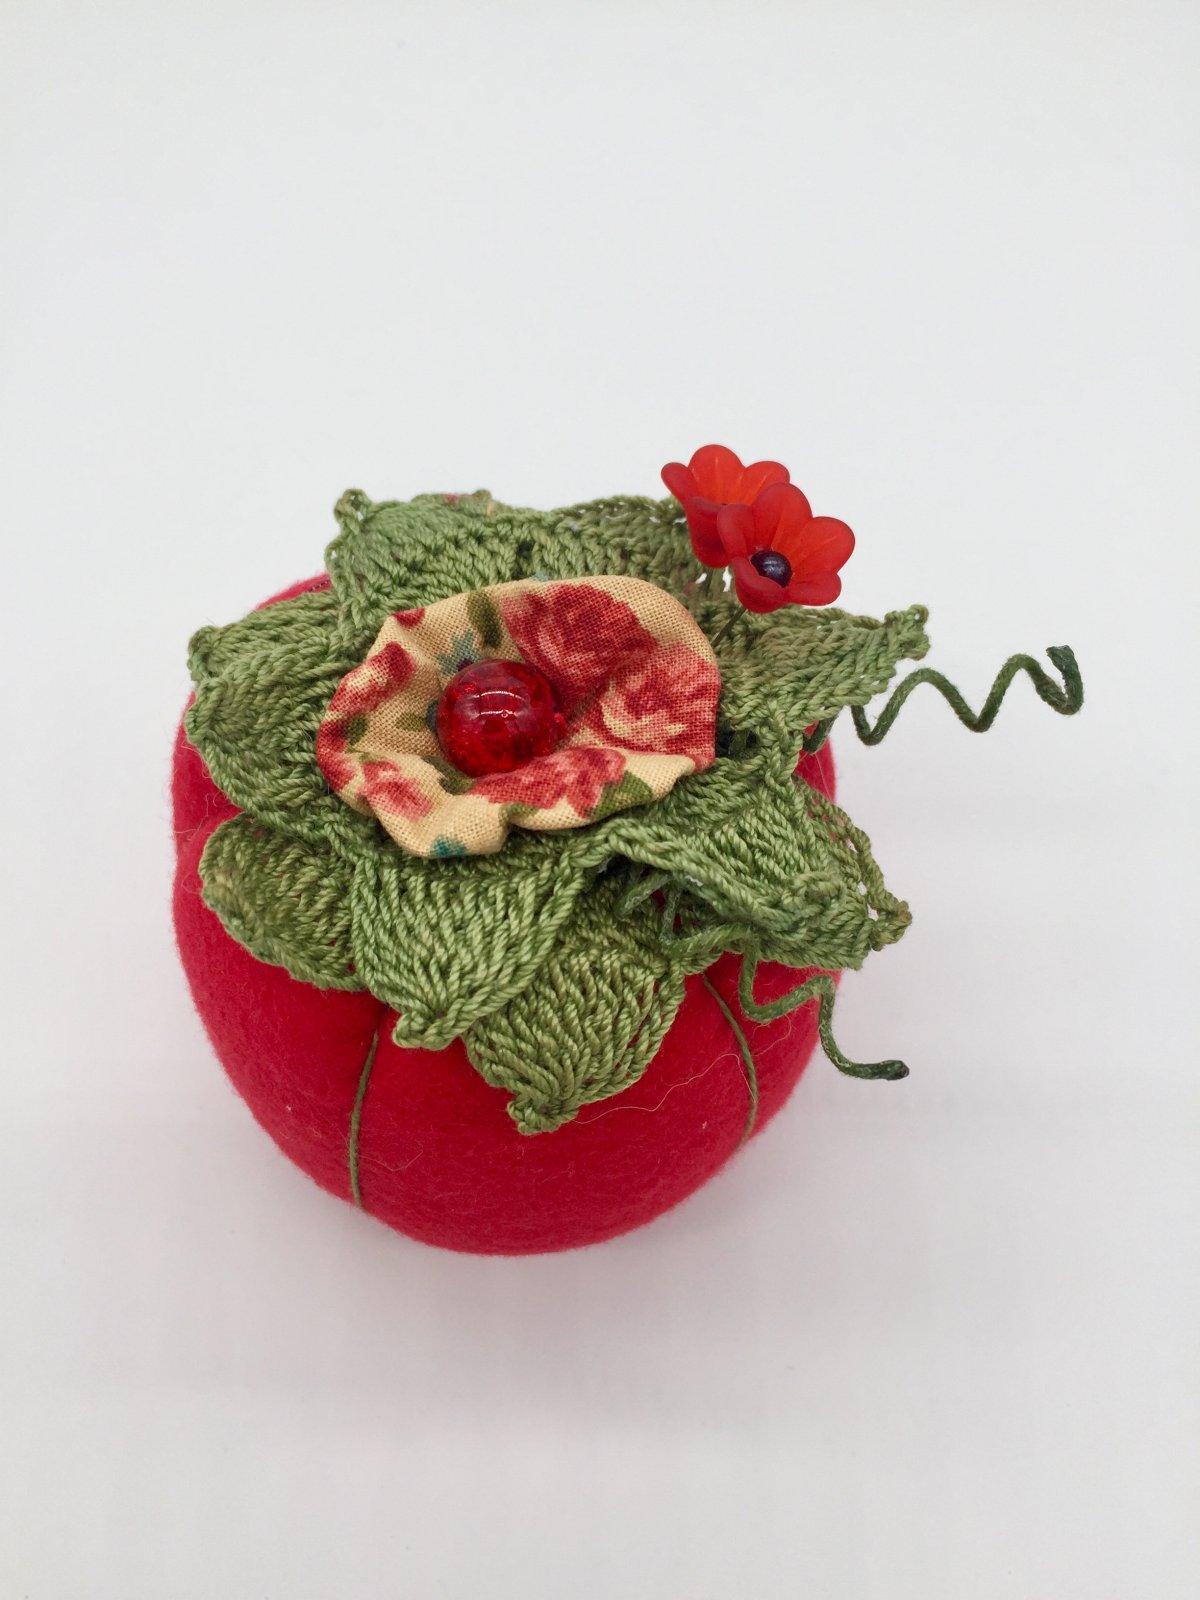 Tomato Pincushion Handmade